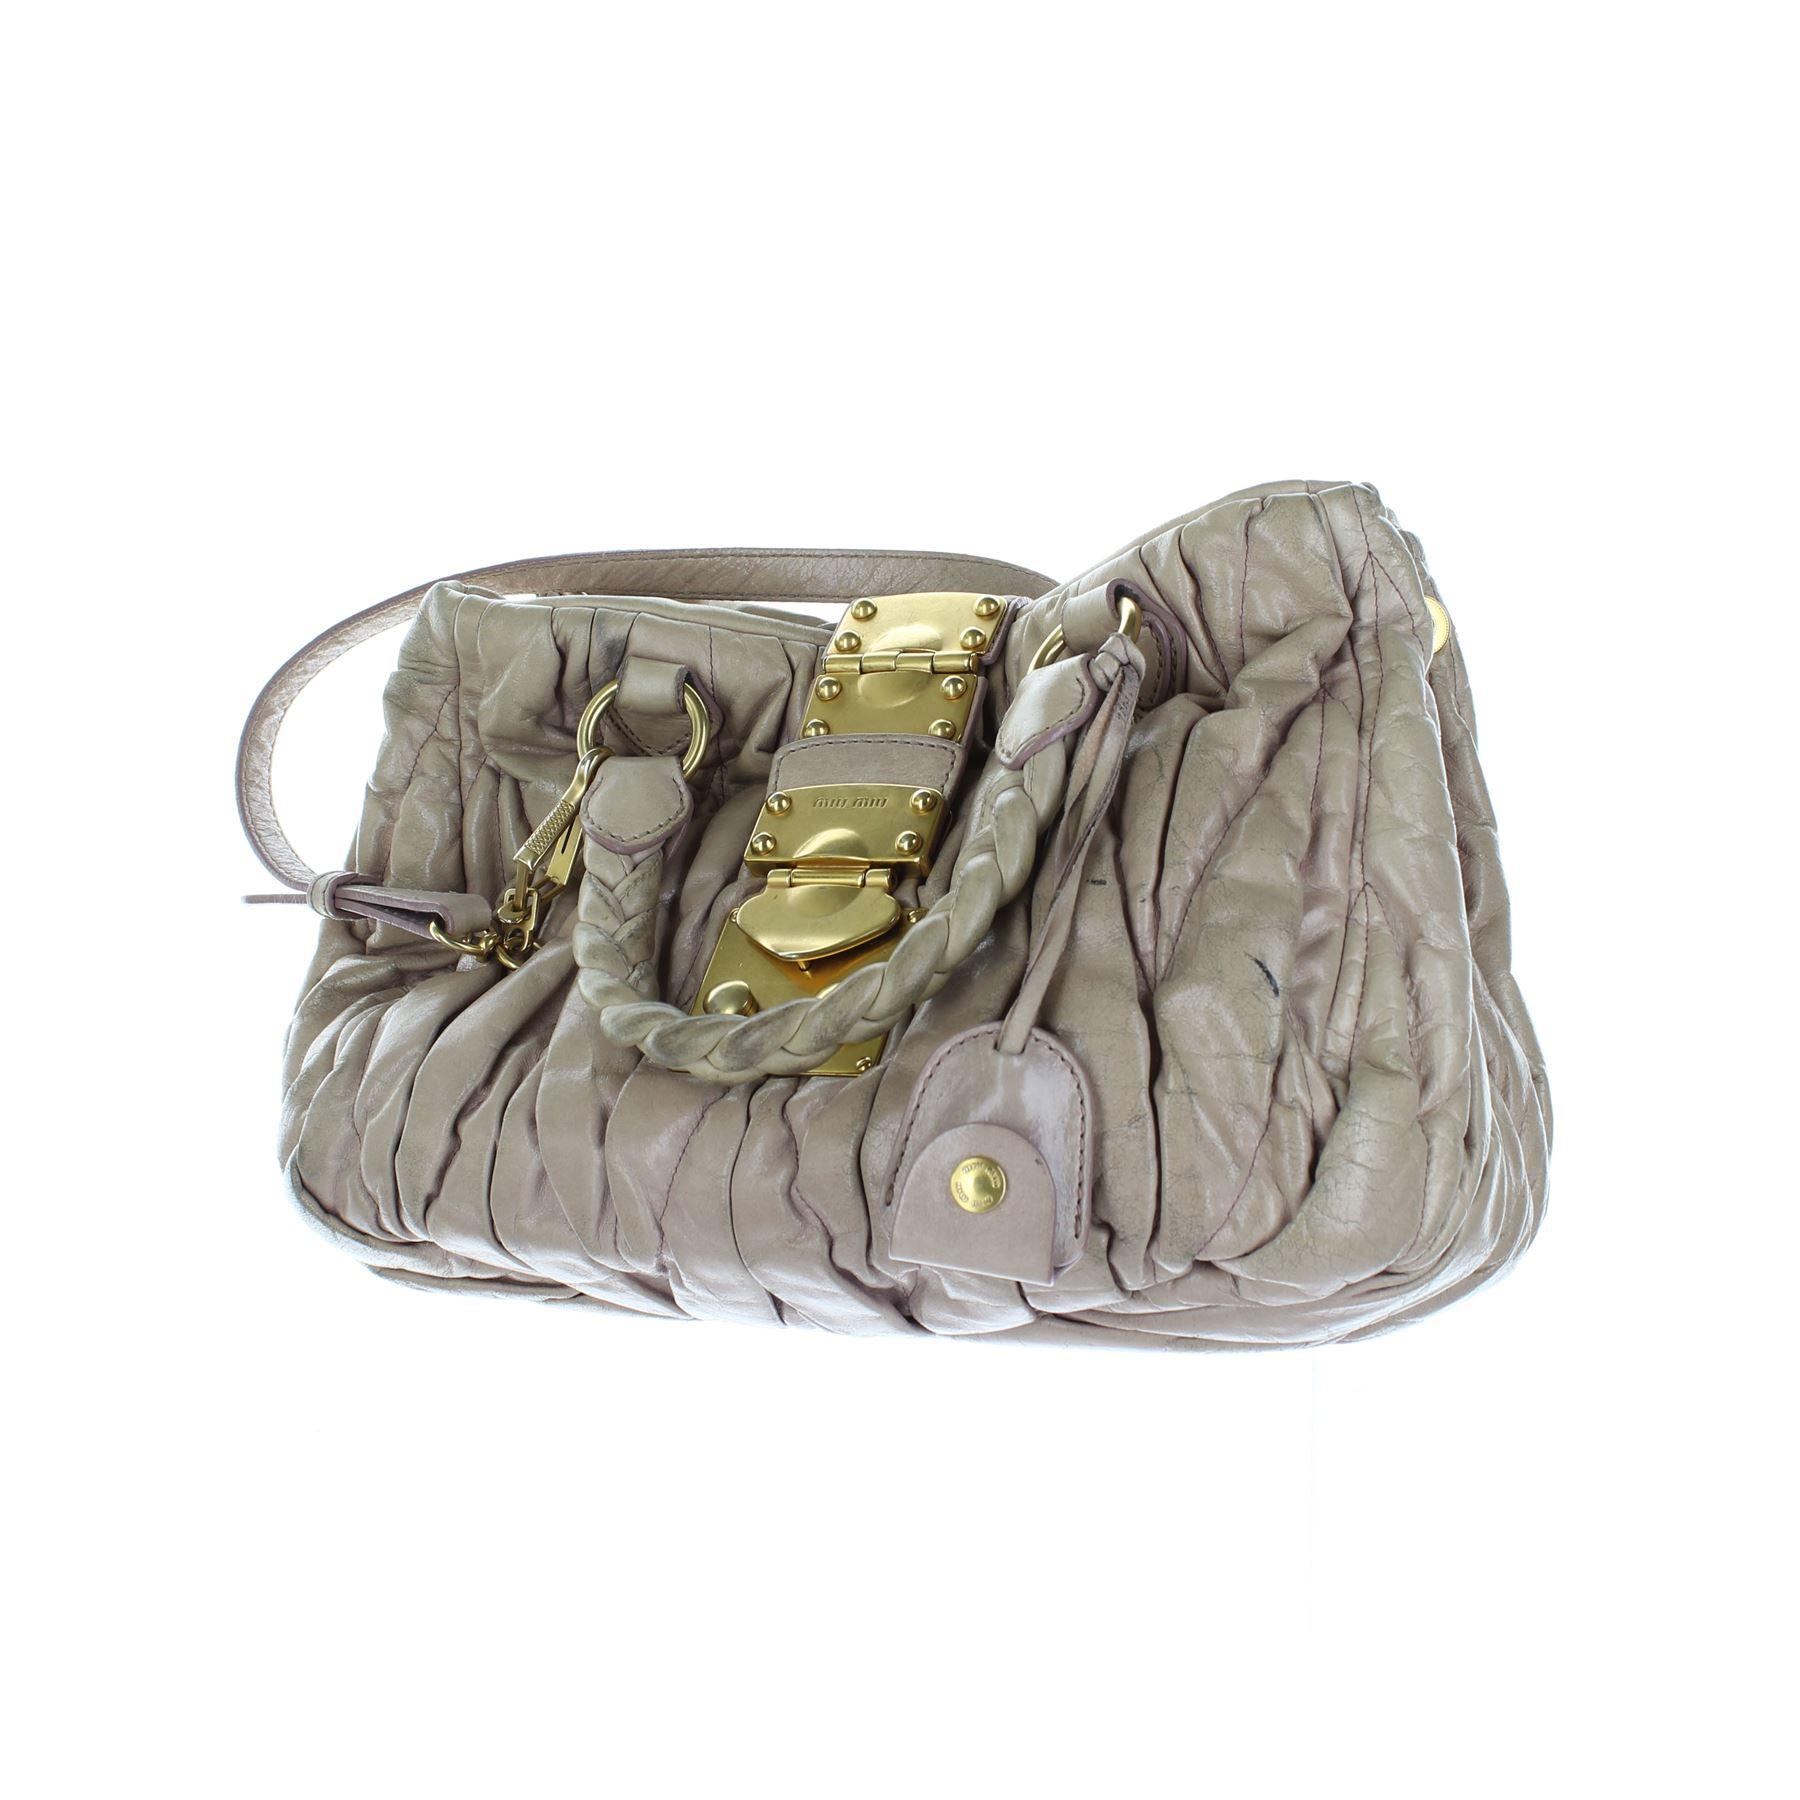 810ad523d99a Details about MIU MIU Matelassé Beige Leather Satchel